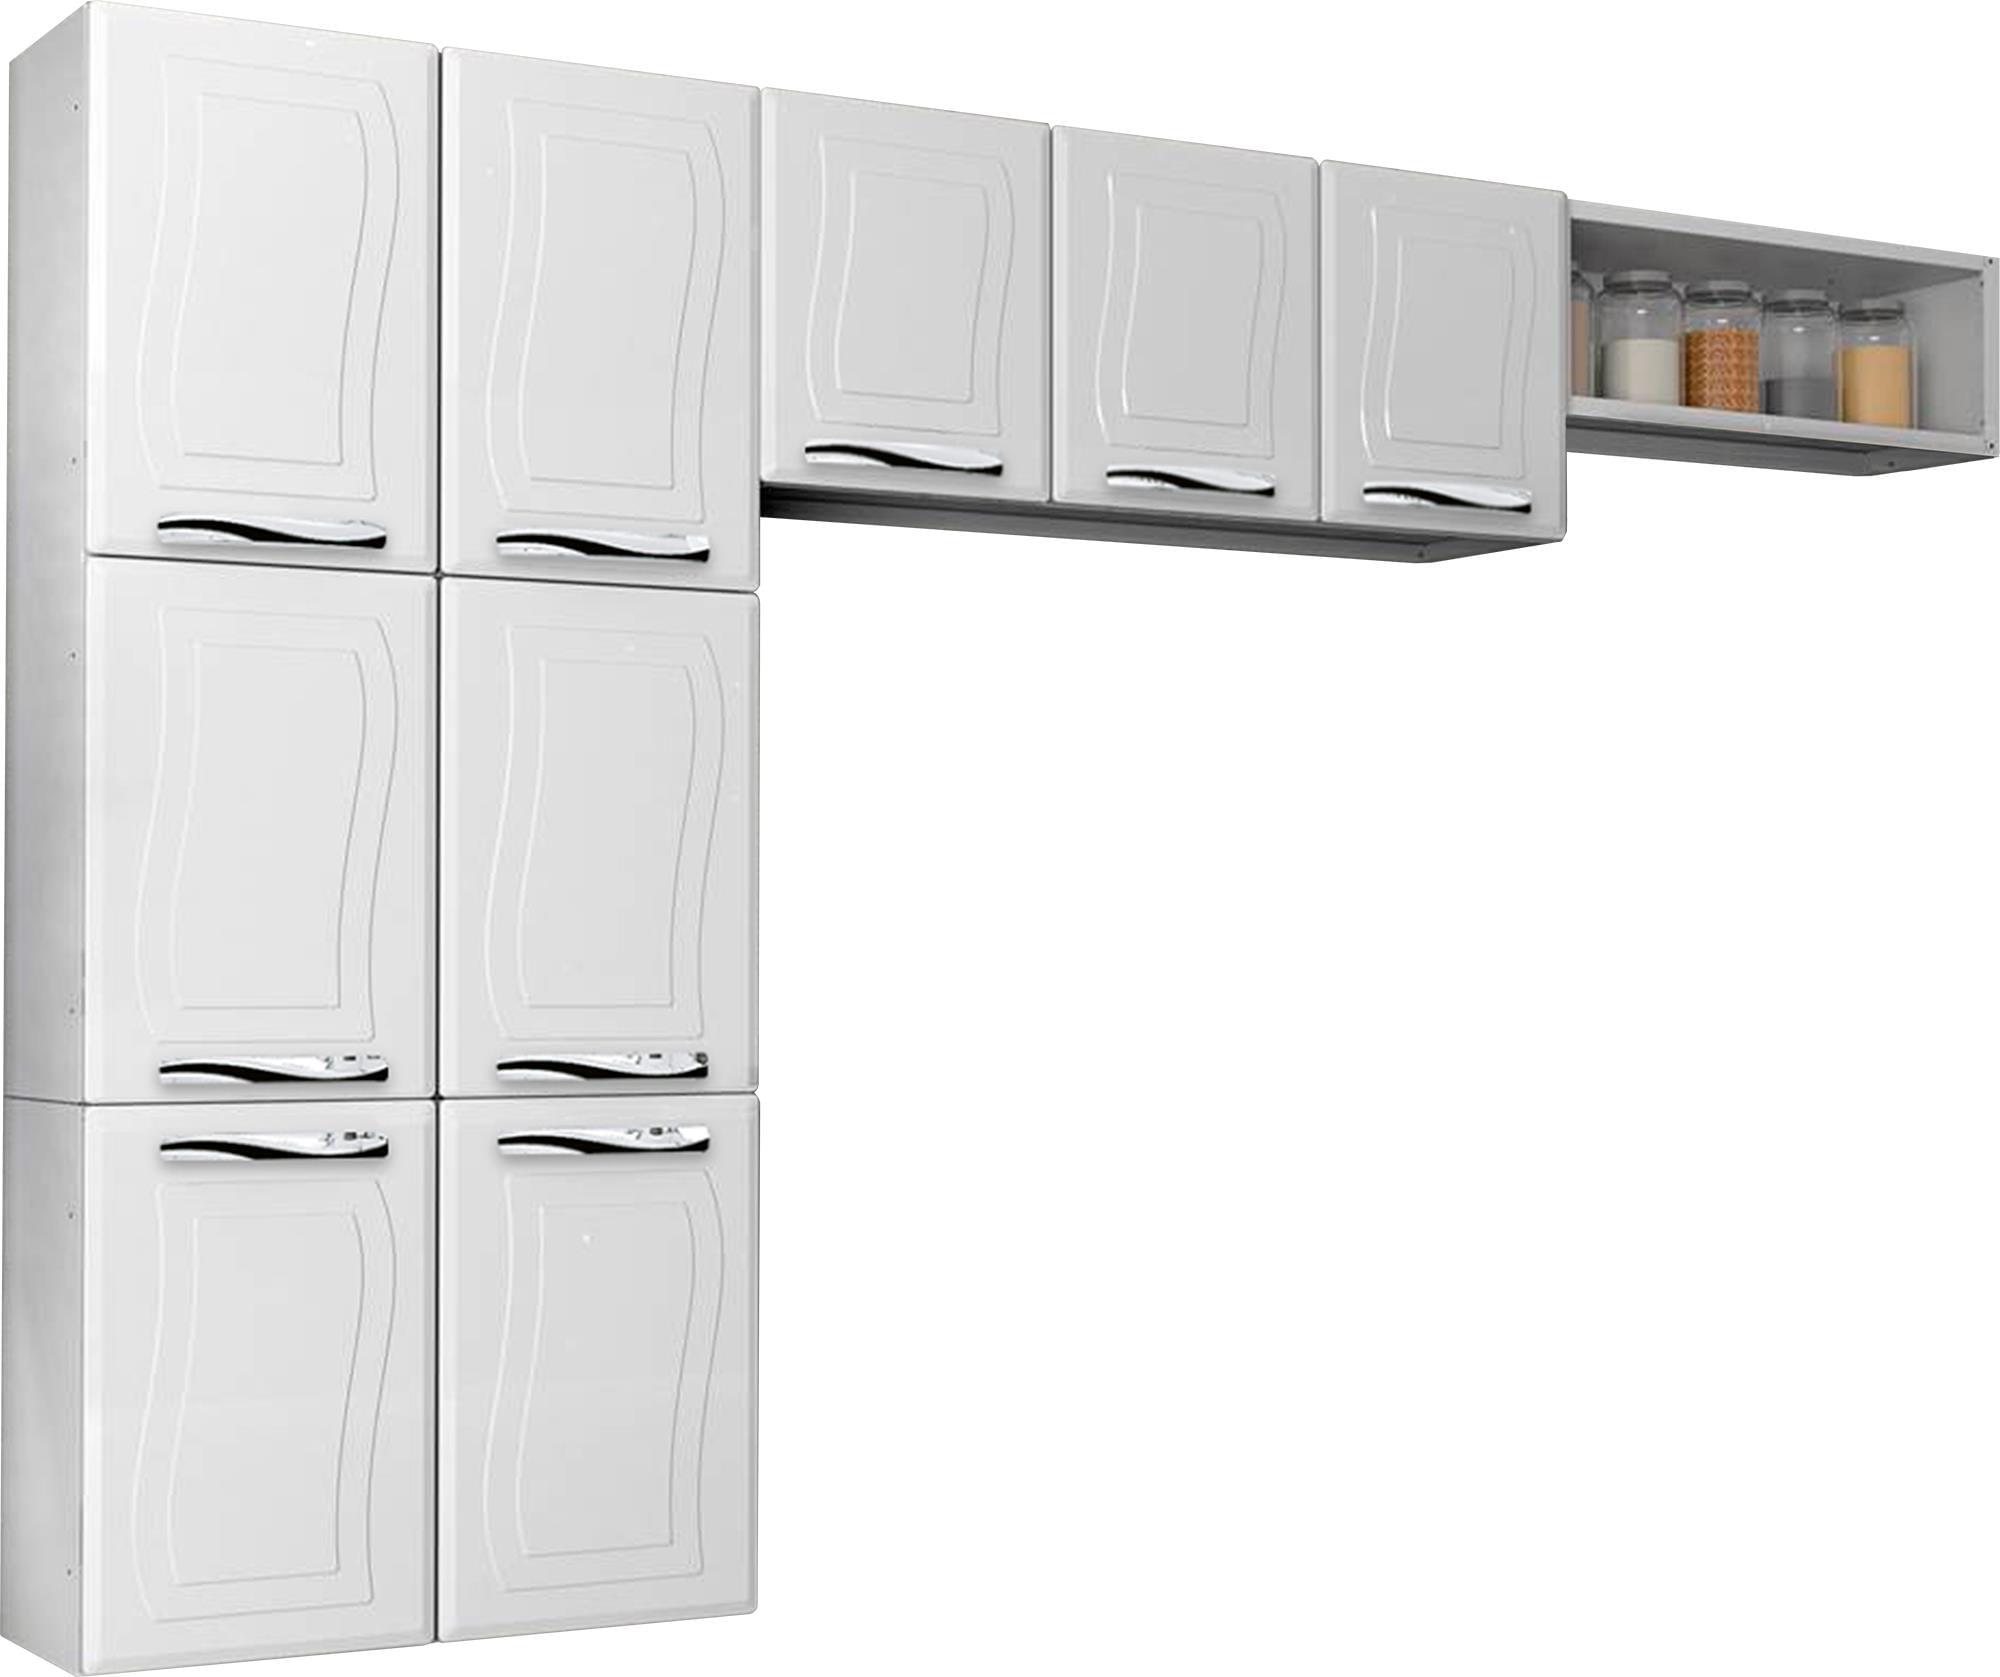 Cozinha Compacta Fit Ipanema Beyato Com V Rios Desenhos Sobre